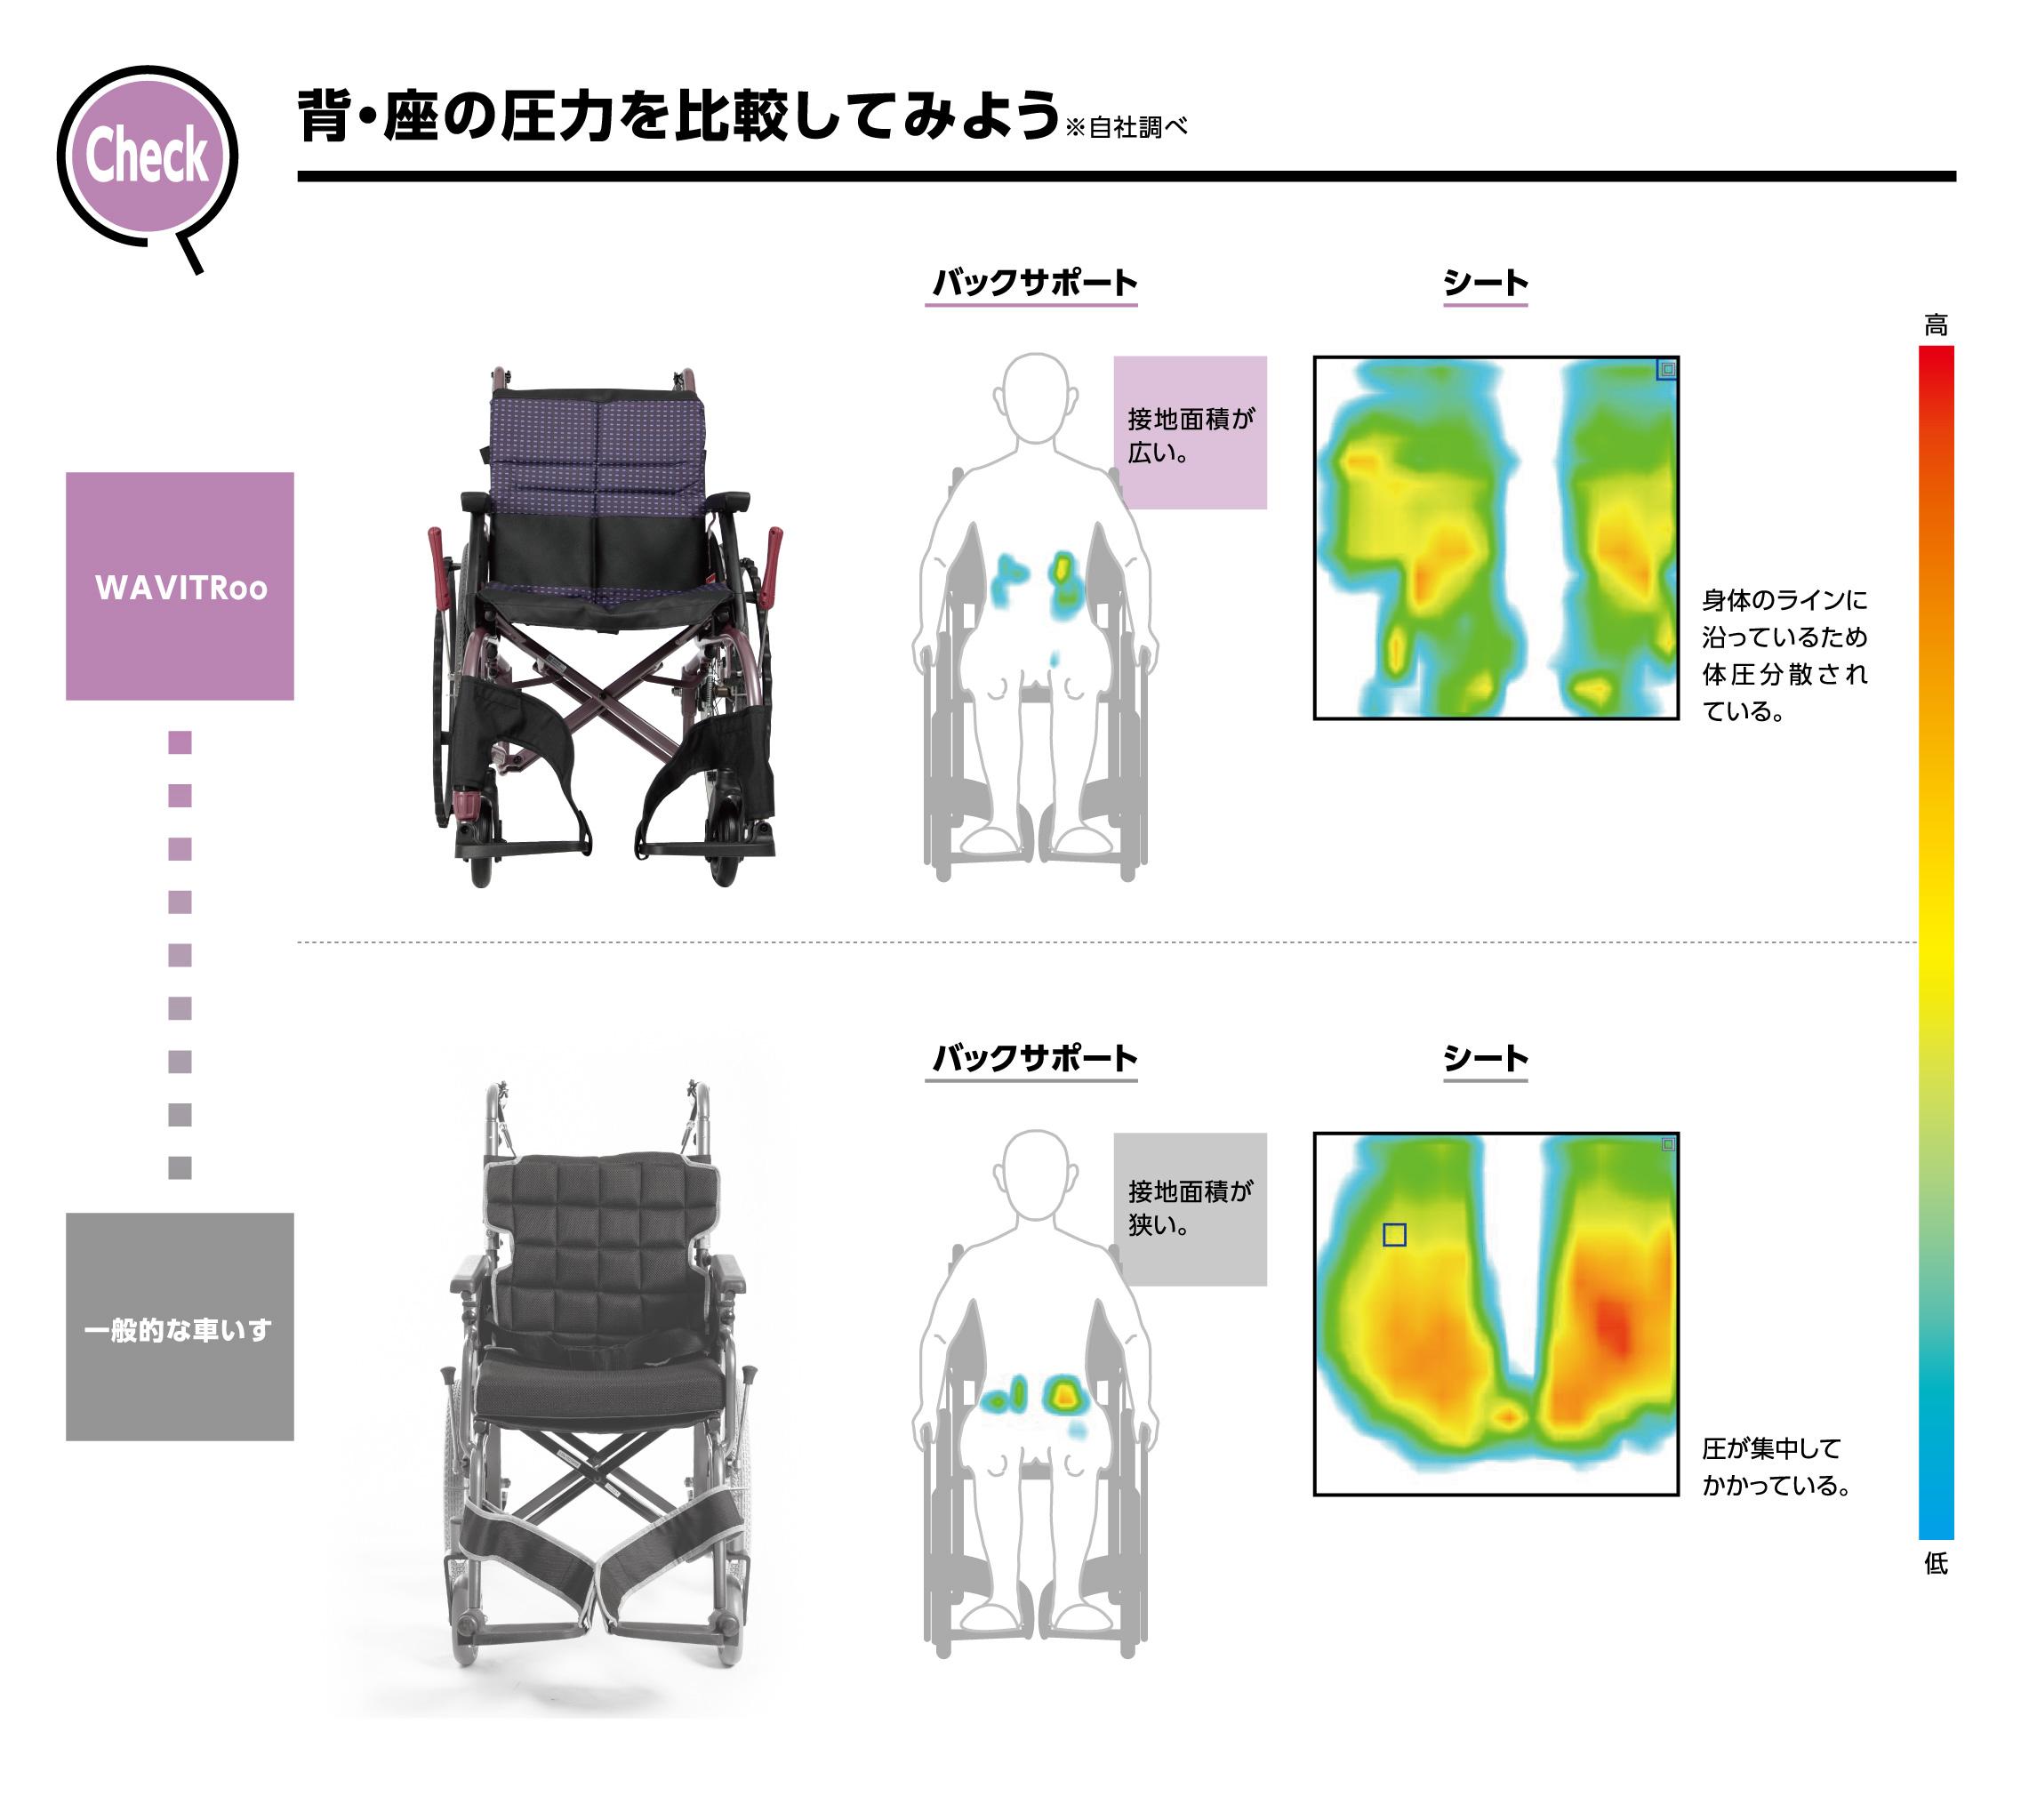 背座面の圧力を確認